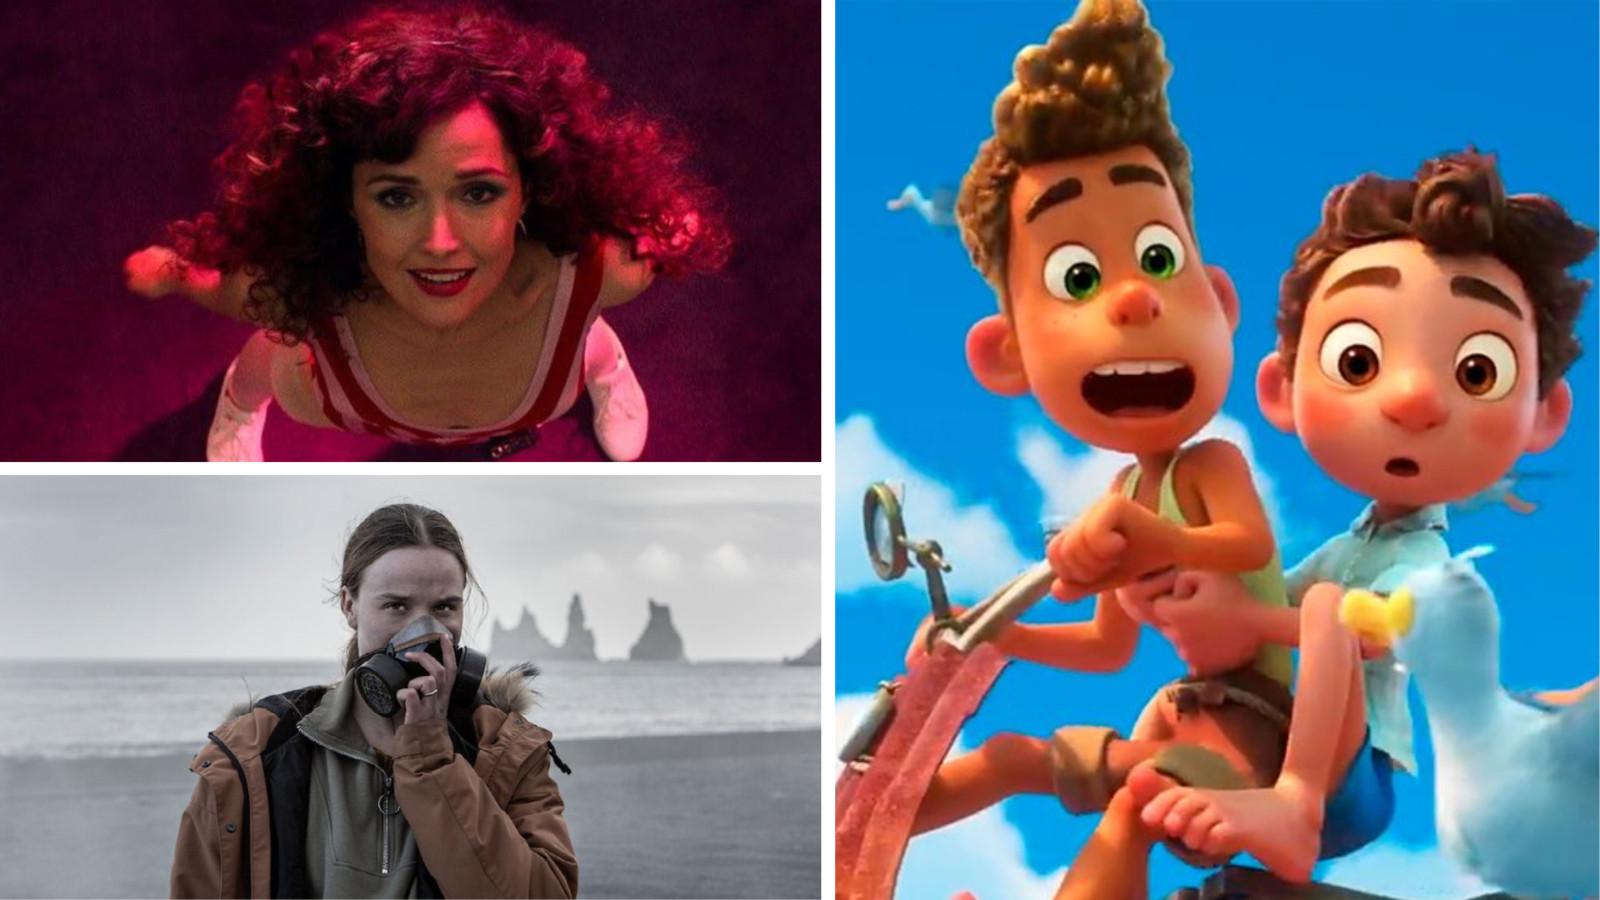 De warmte beu? Deze films en series staan klaar om gestreamd te worden!